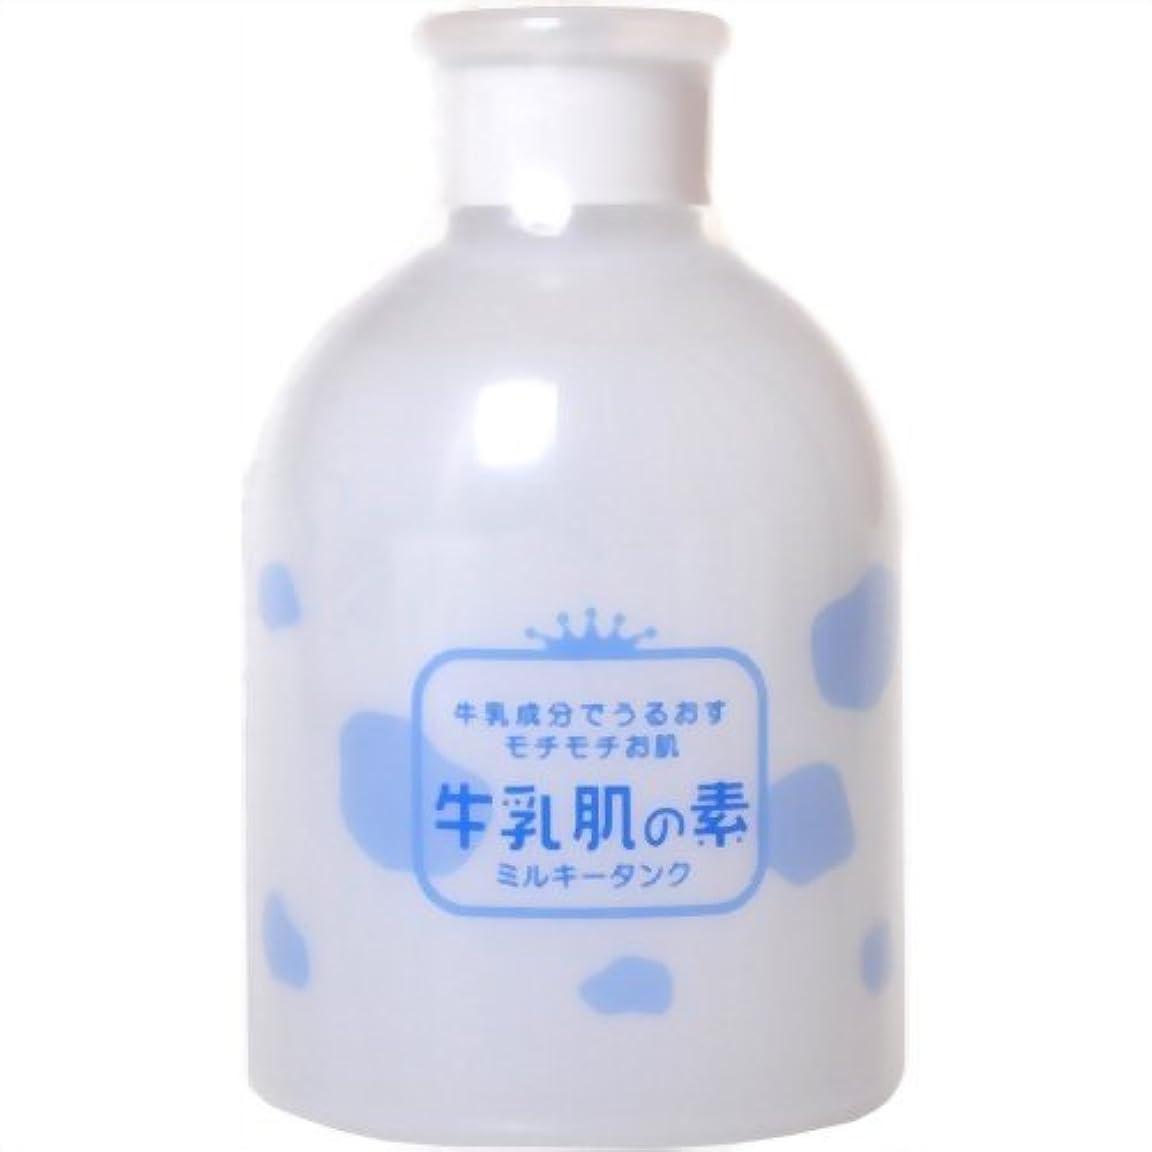 であることあらゆる種類のフルート牛乳肌の素 ミルキータンク(化粧水) 300ml